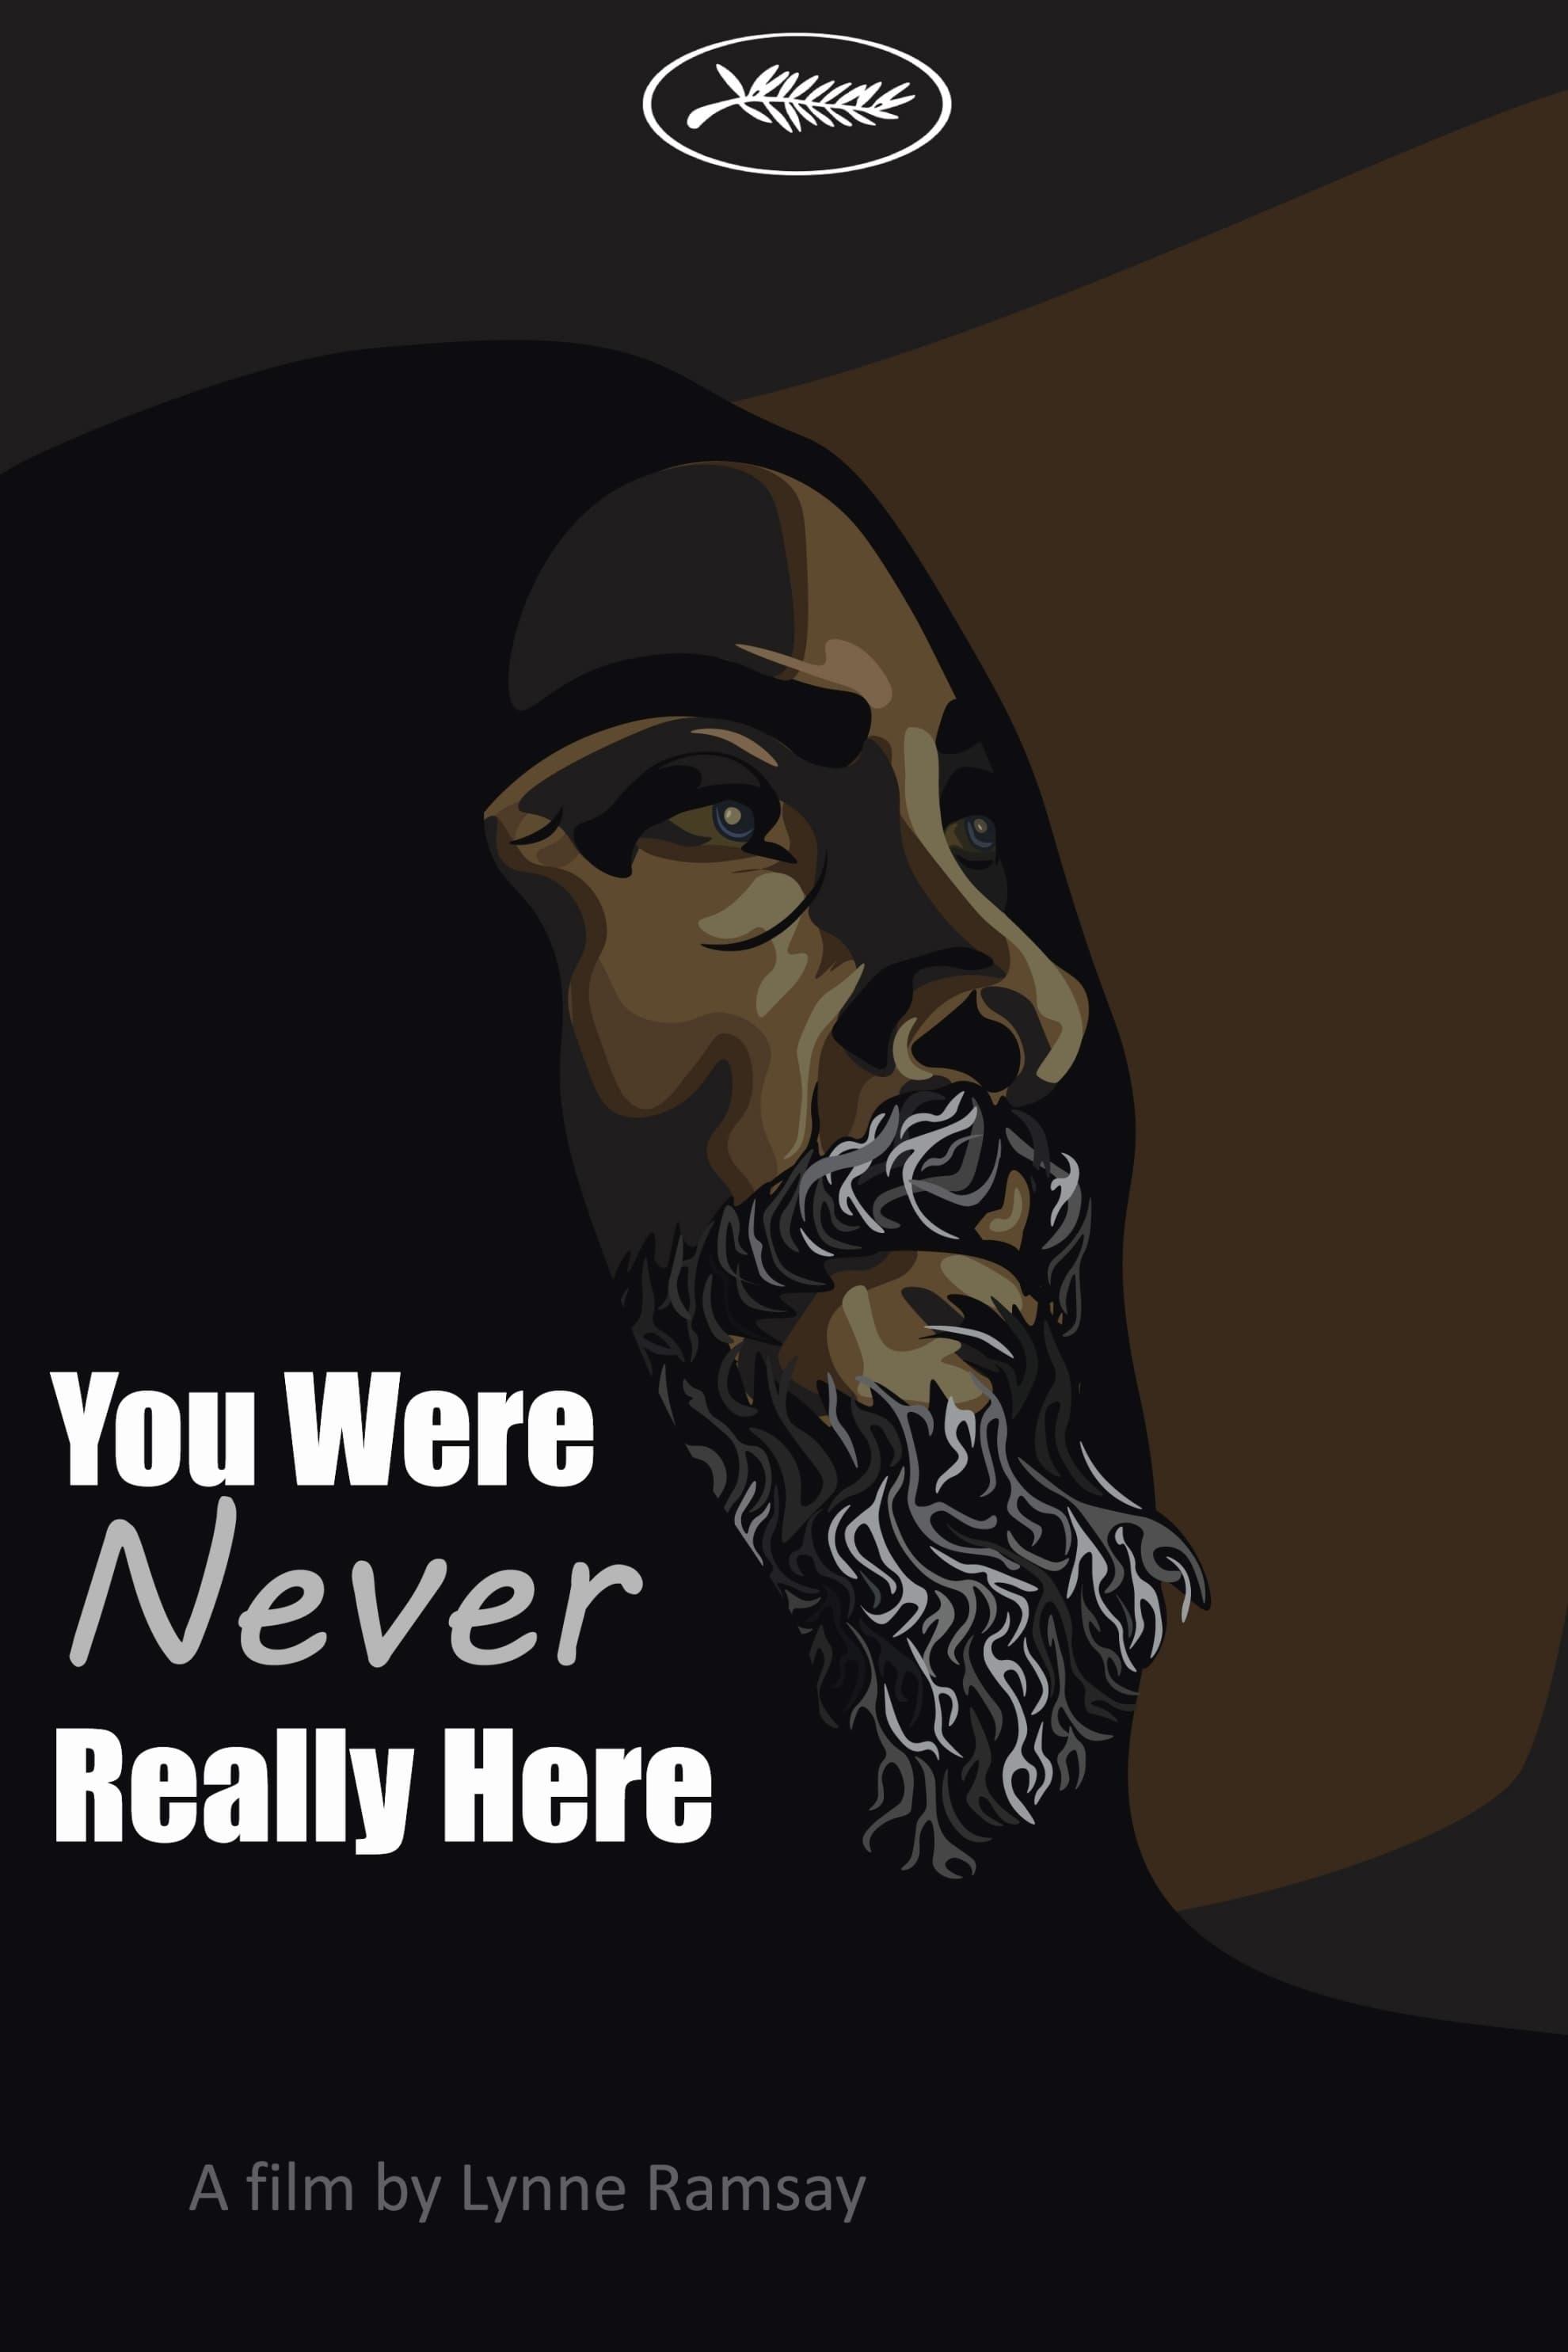 შენ აქ არასოდეს ყოფილხარ / You Were Never Really Here - ( ქართულად )